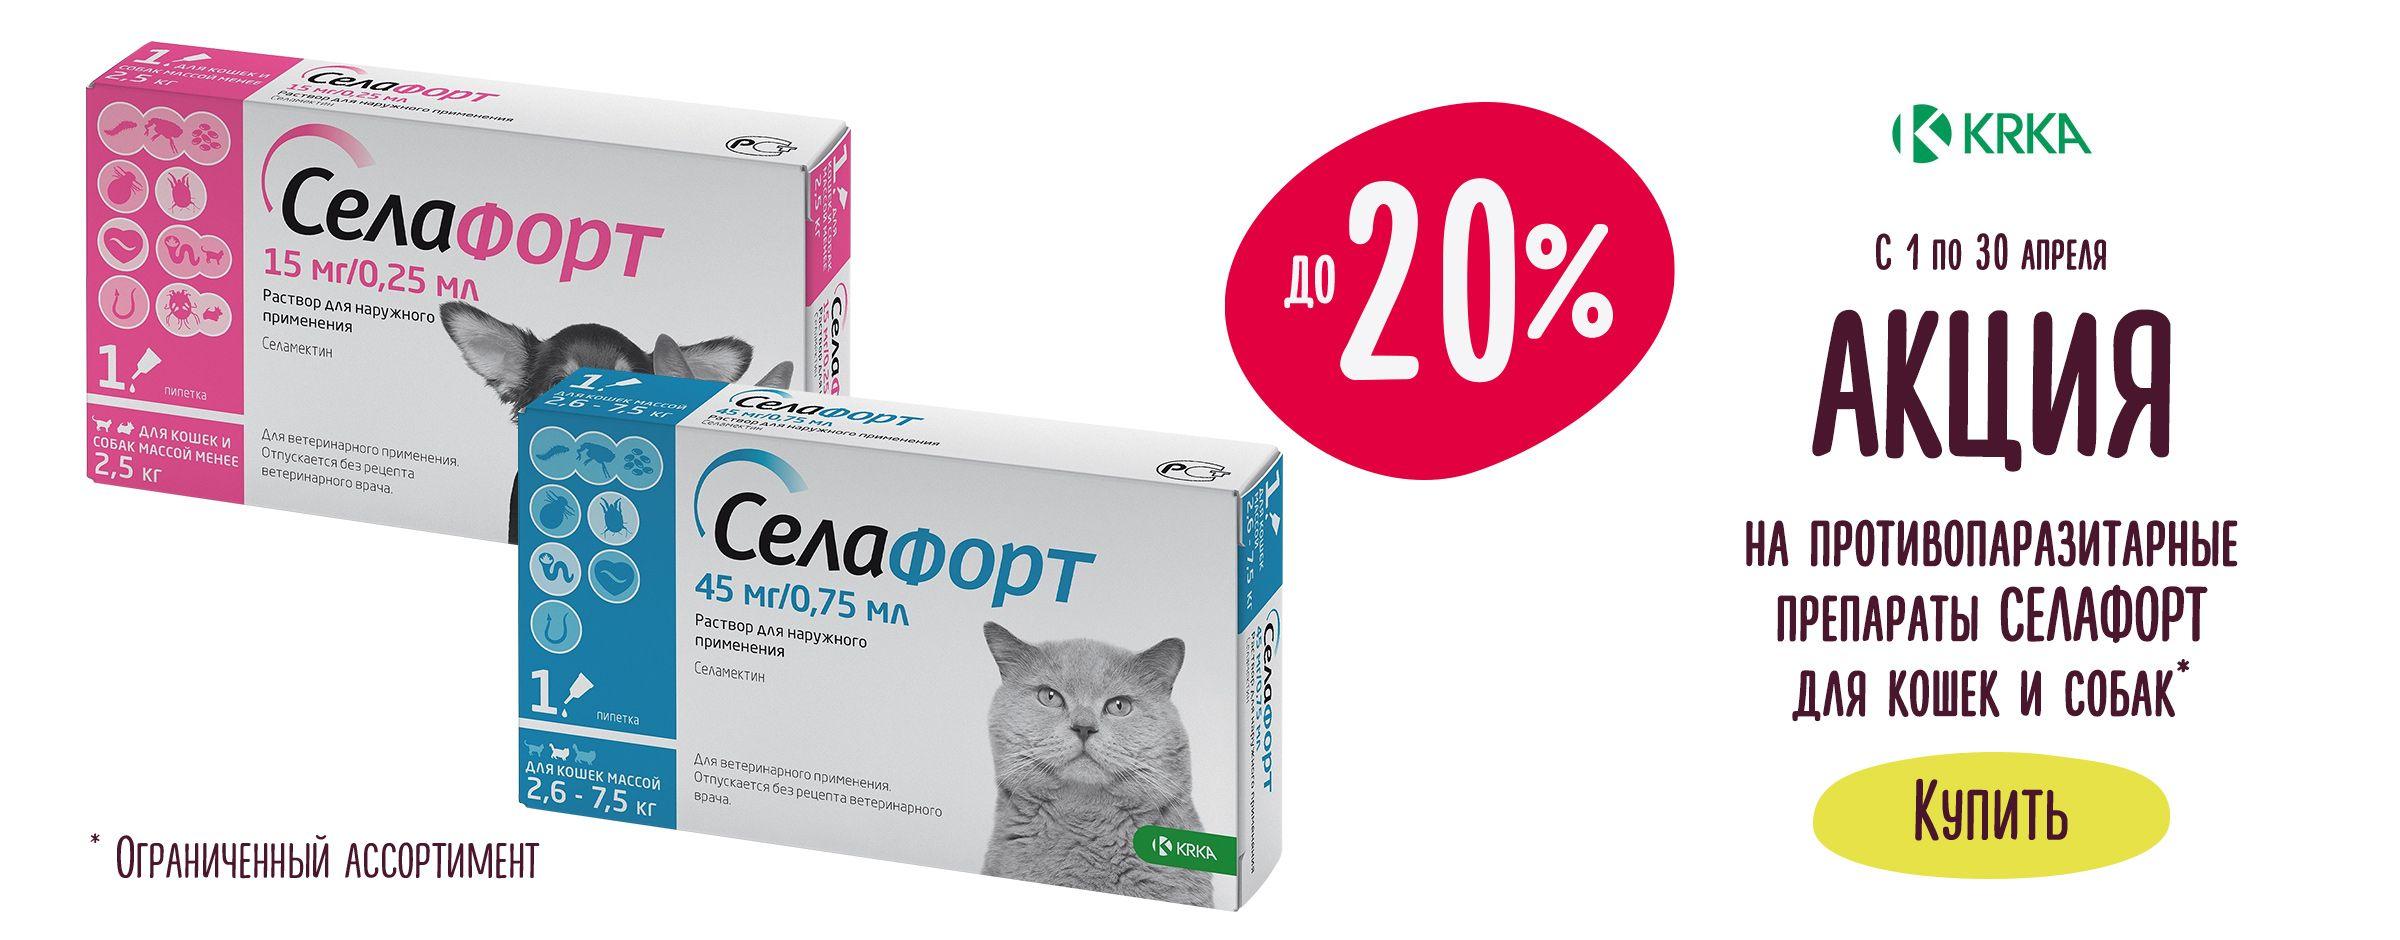 Скидки до 20% на противопаразитарные препараты Селафорт для кошек и собак